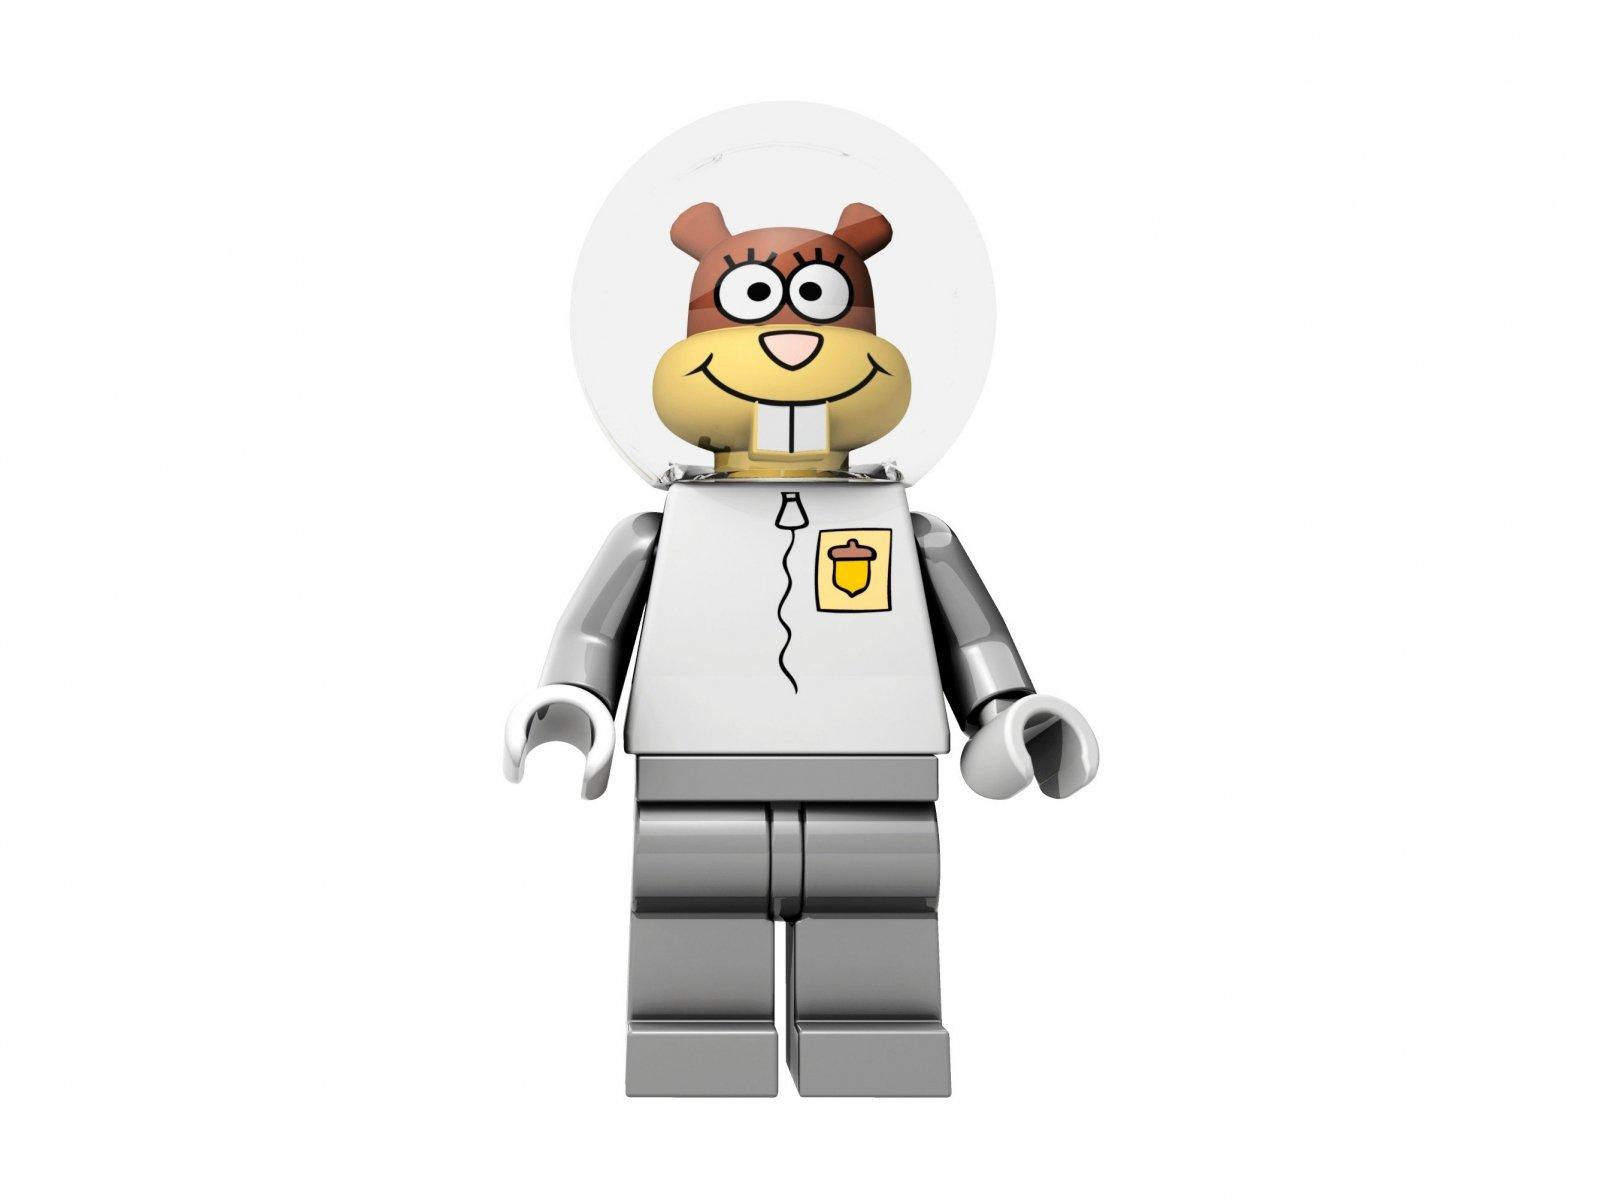 LEGO 3831 Rocket Ride